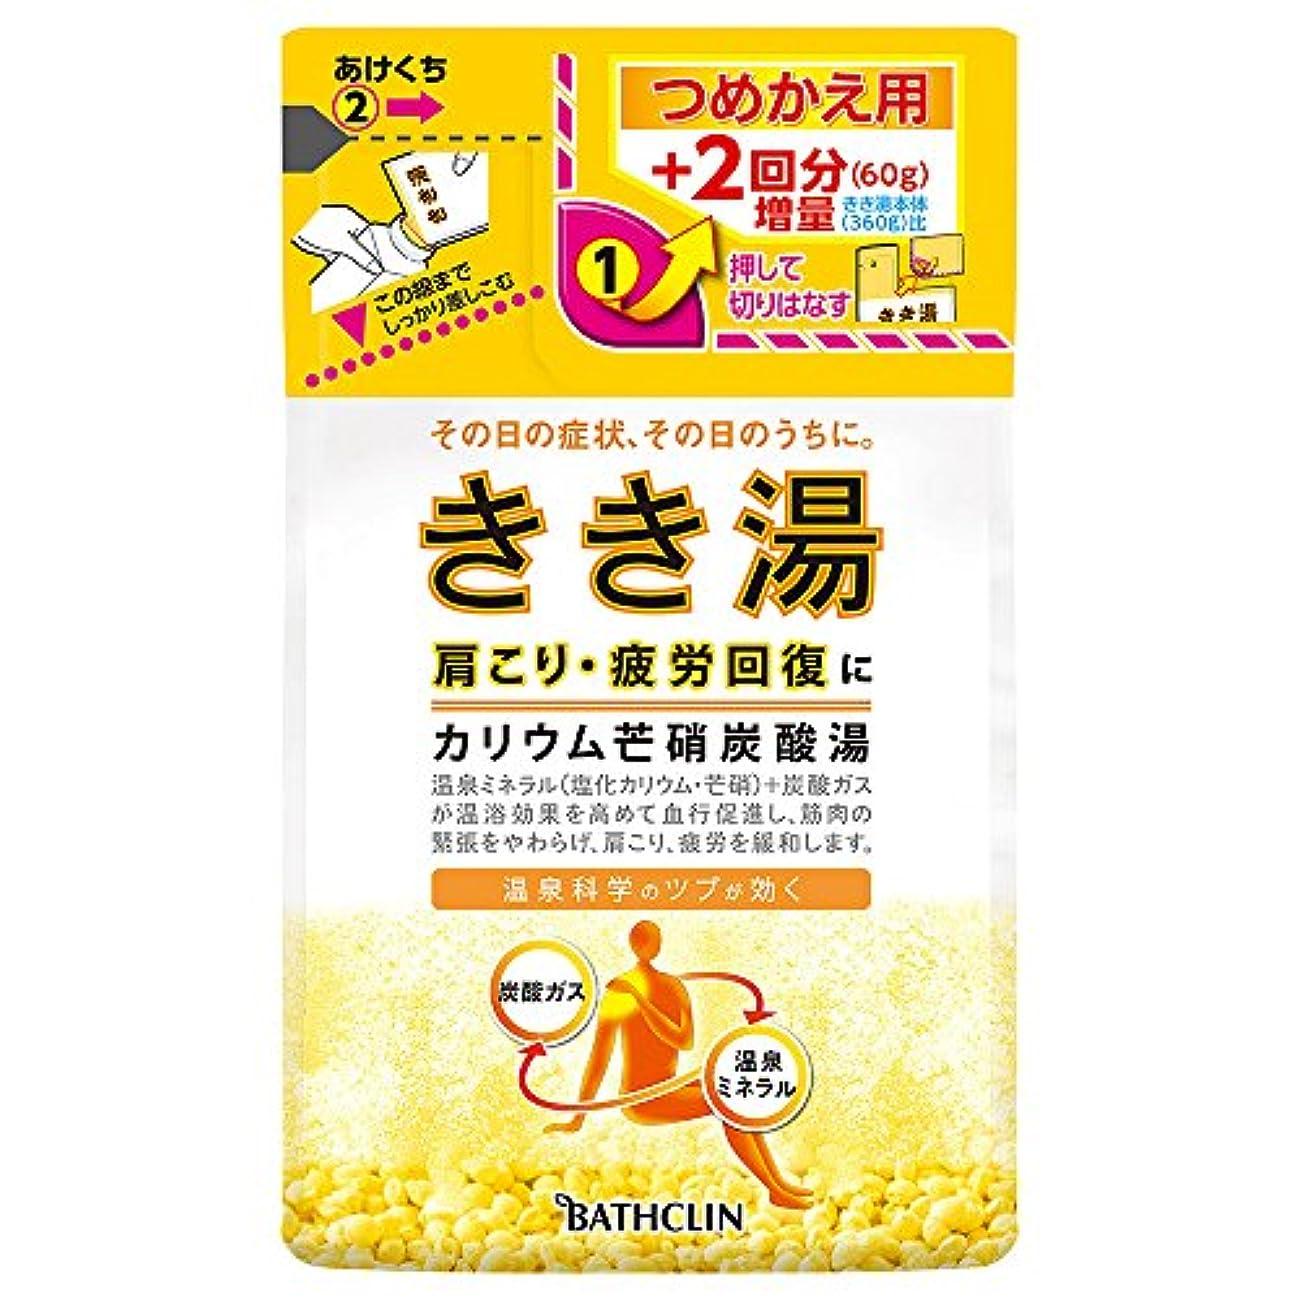 複製するアスレチック純正きき湯 カリウム芒硝炭酸湯 つめかえ用 420g 入浴剤 (医薬部外品)